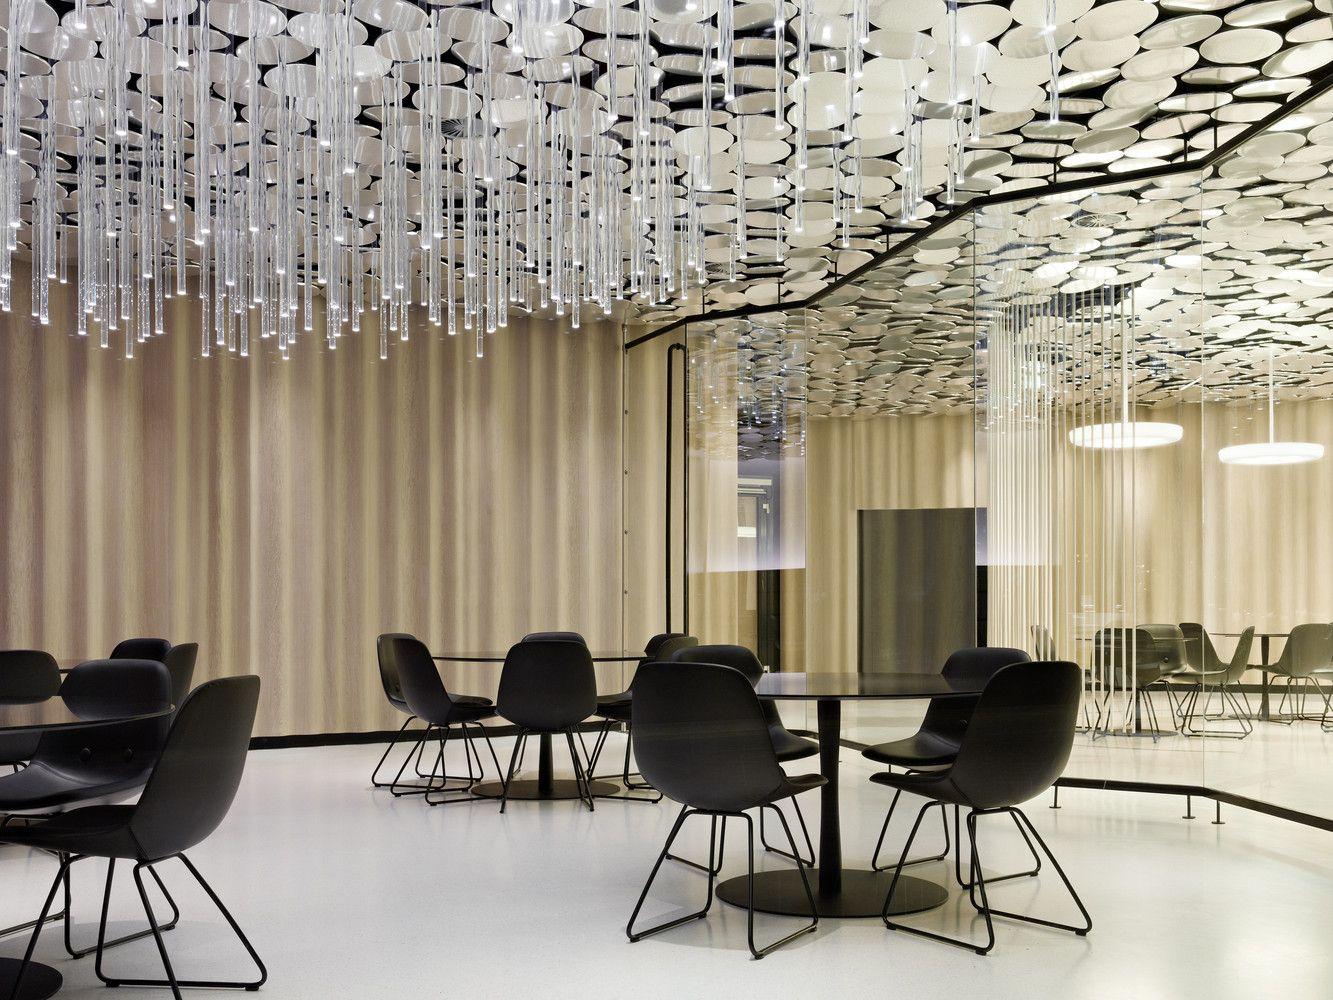 Gallery of Spiegel / Ippolito Fleitz Group - 8   Spiegel und Braun